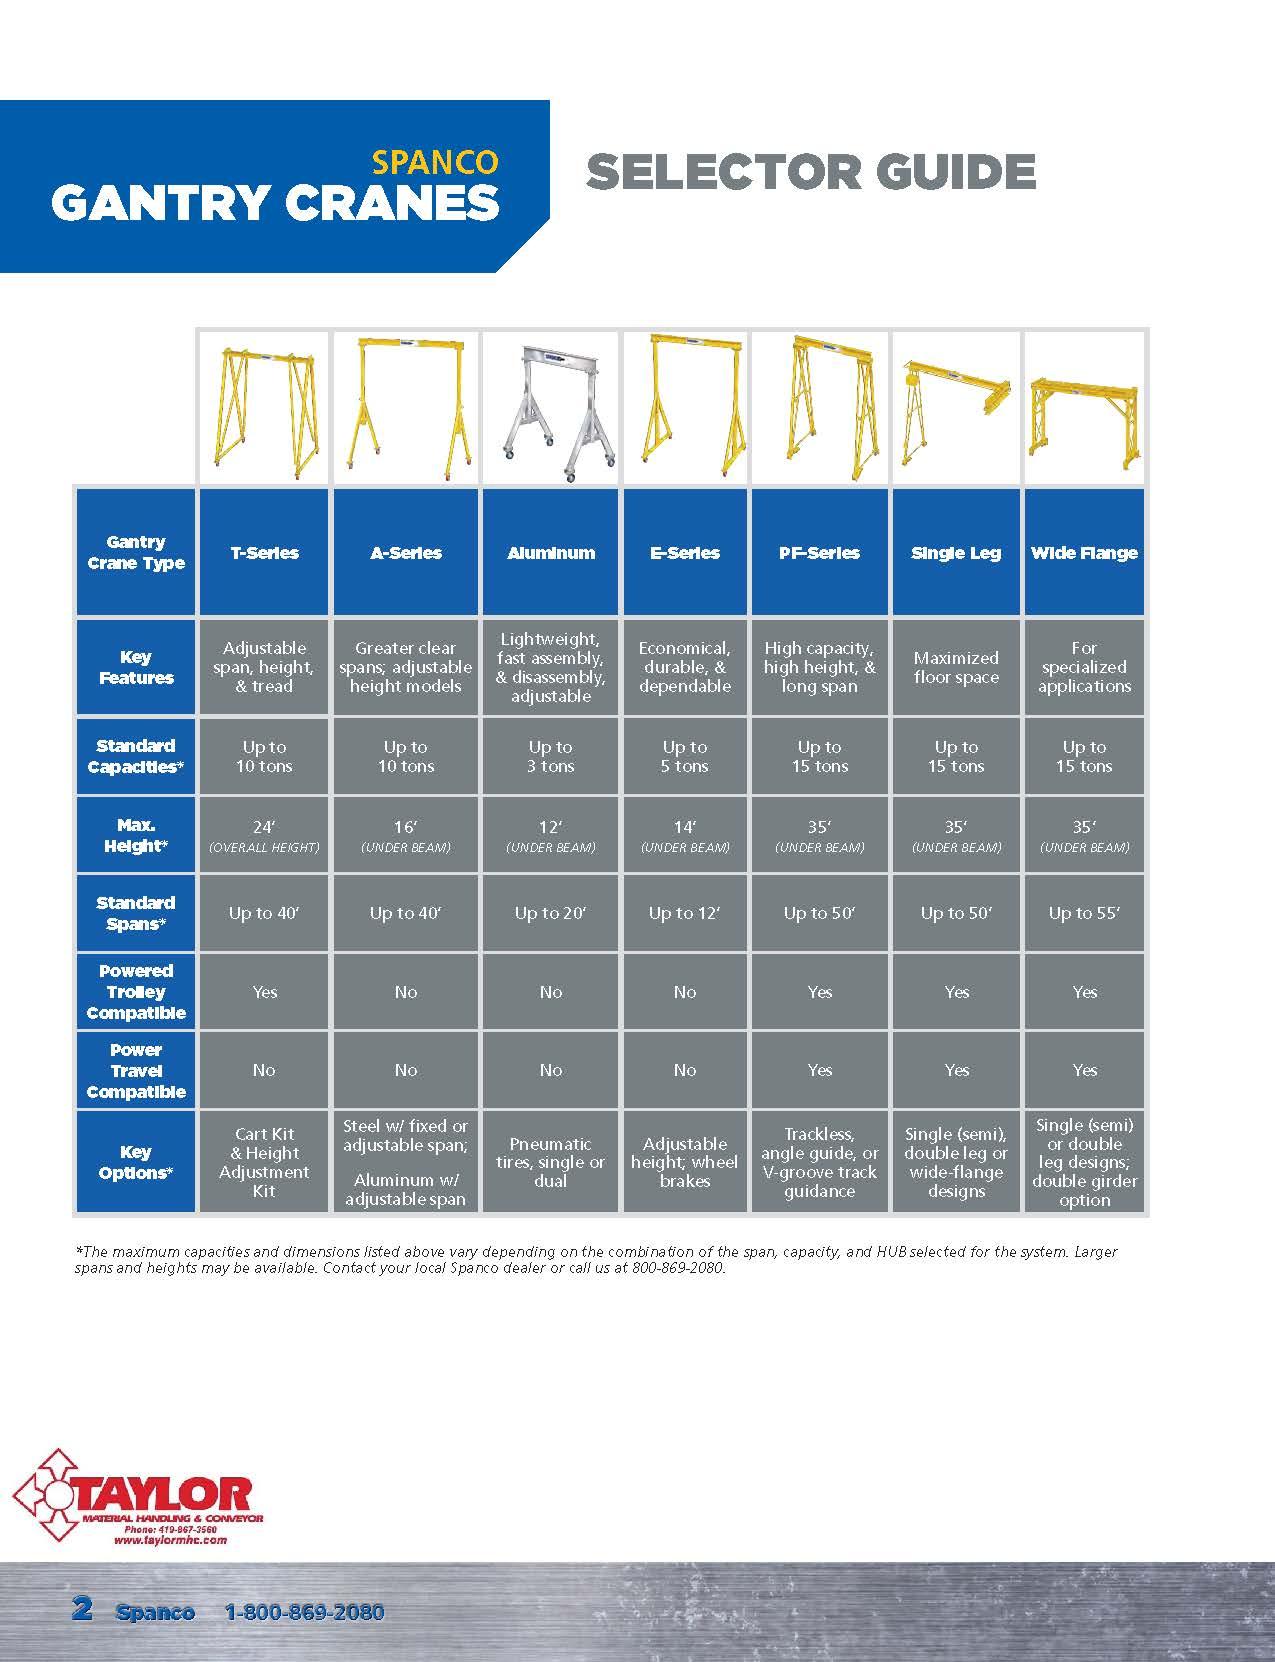 Spanco Gantry Crane Selector Guide